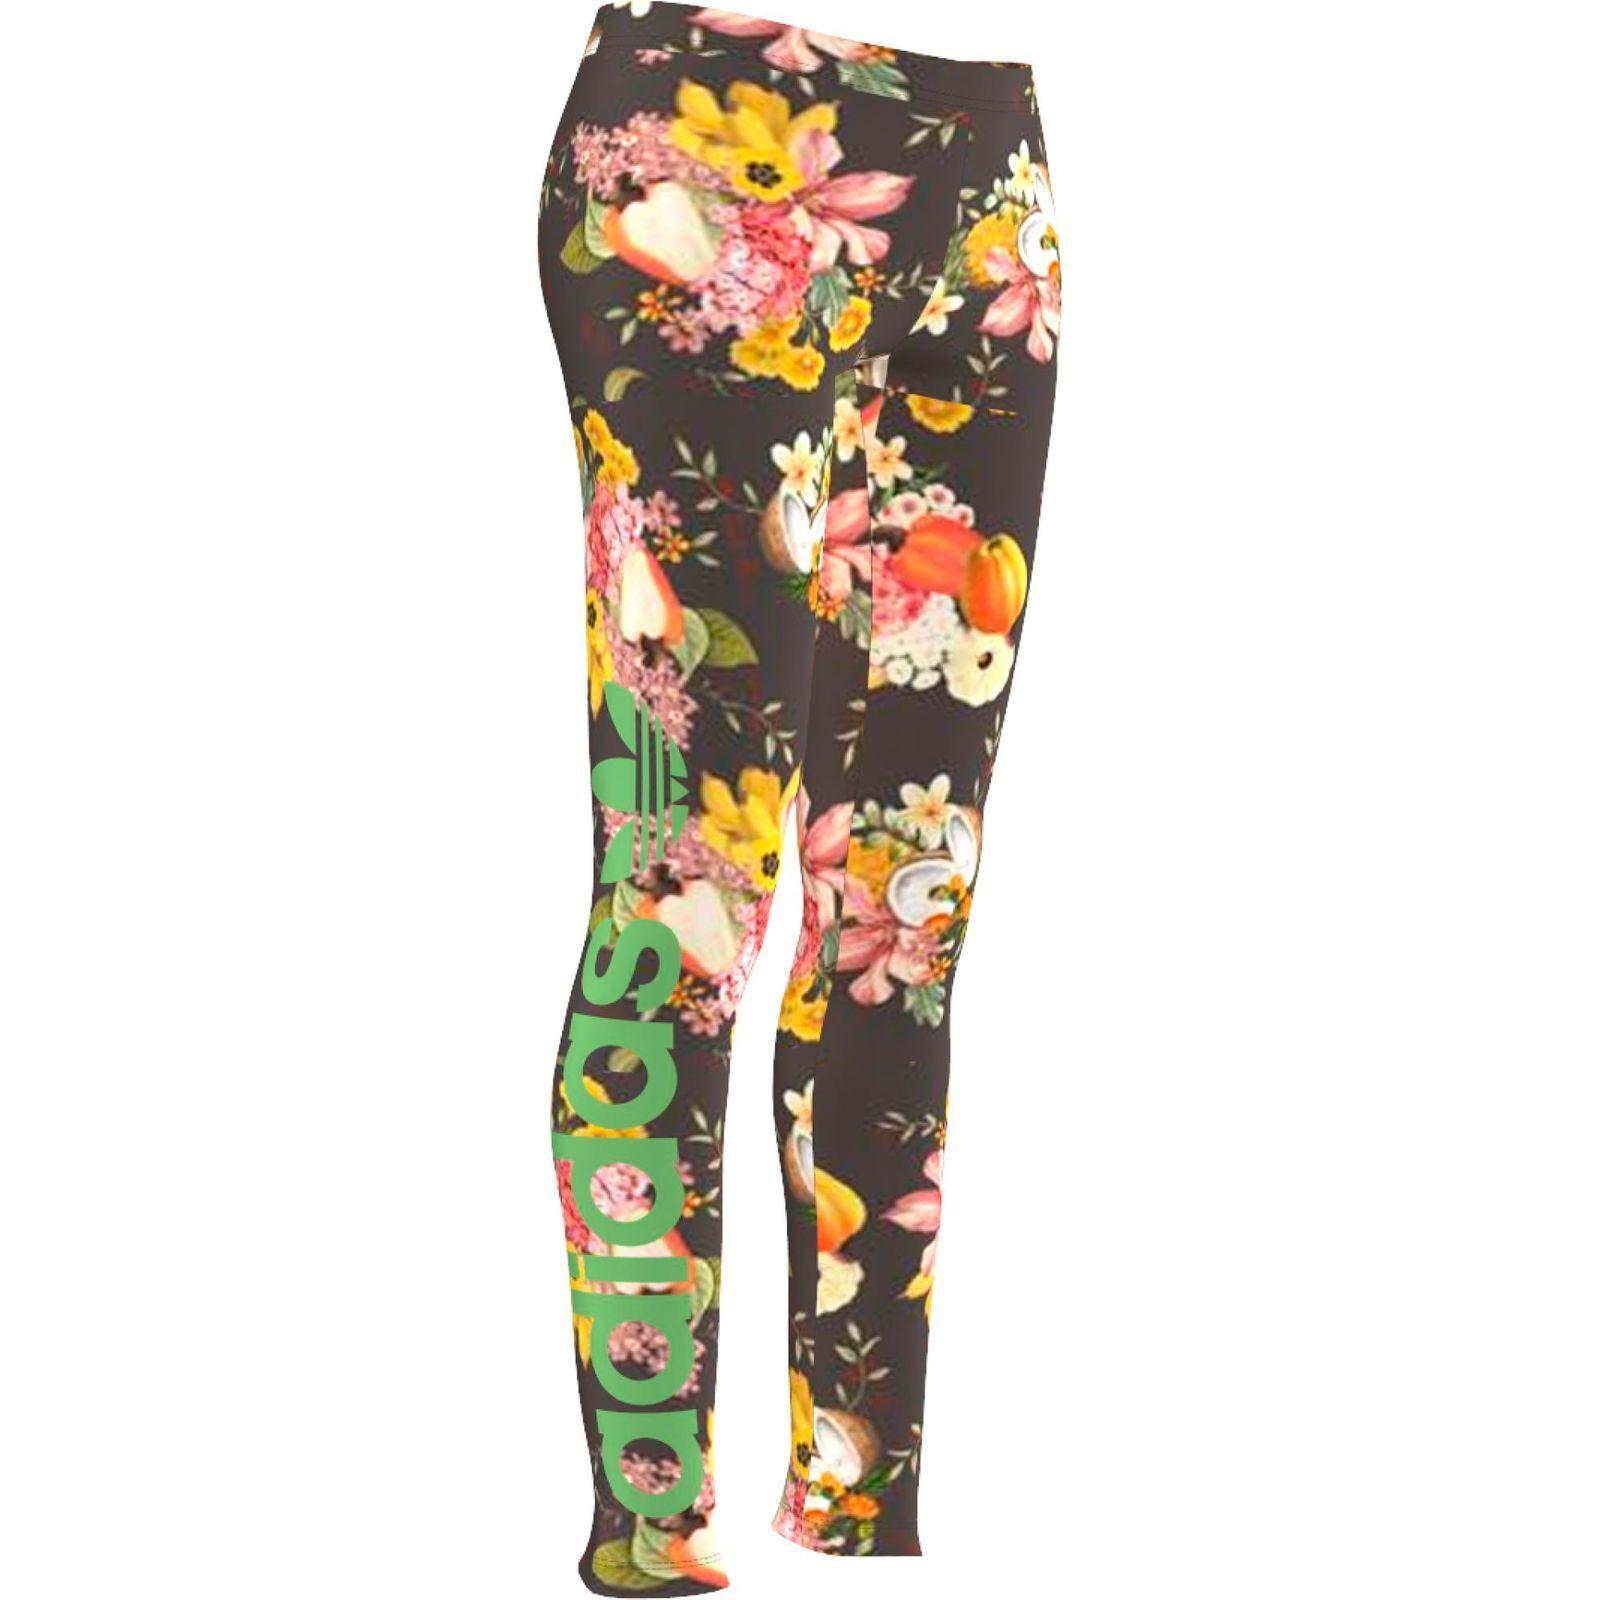 adidas Originals The Farm Jardim Leggings Sport & Freizeit Hose Floral Blumen